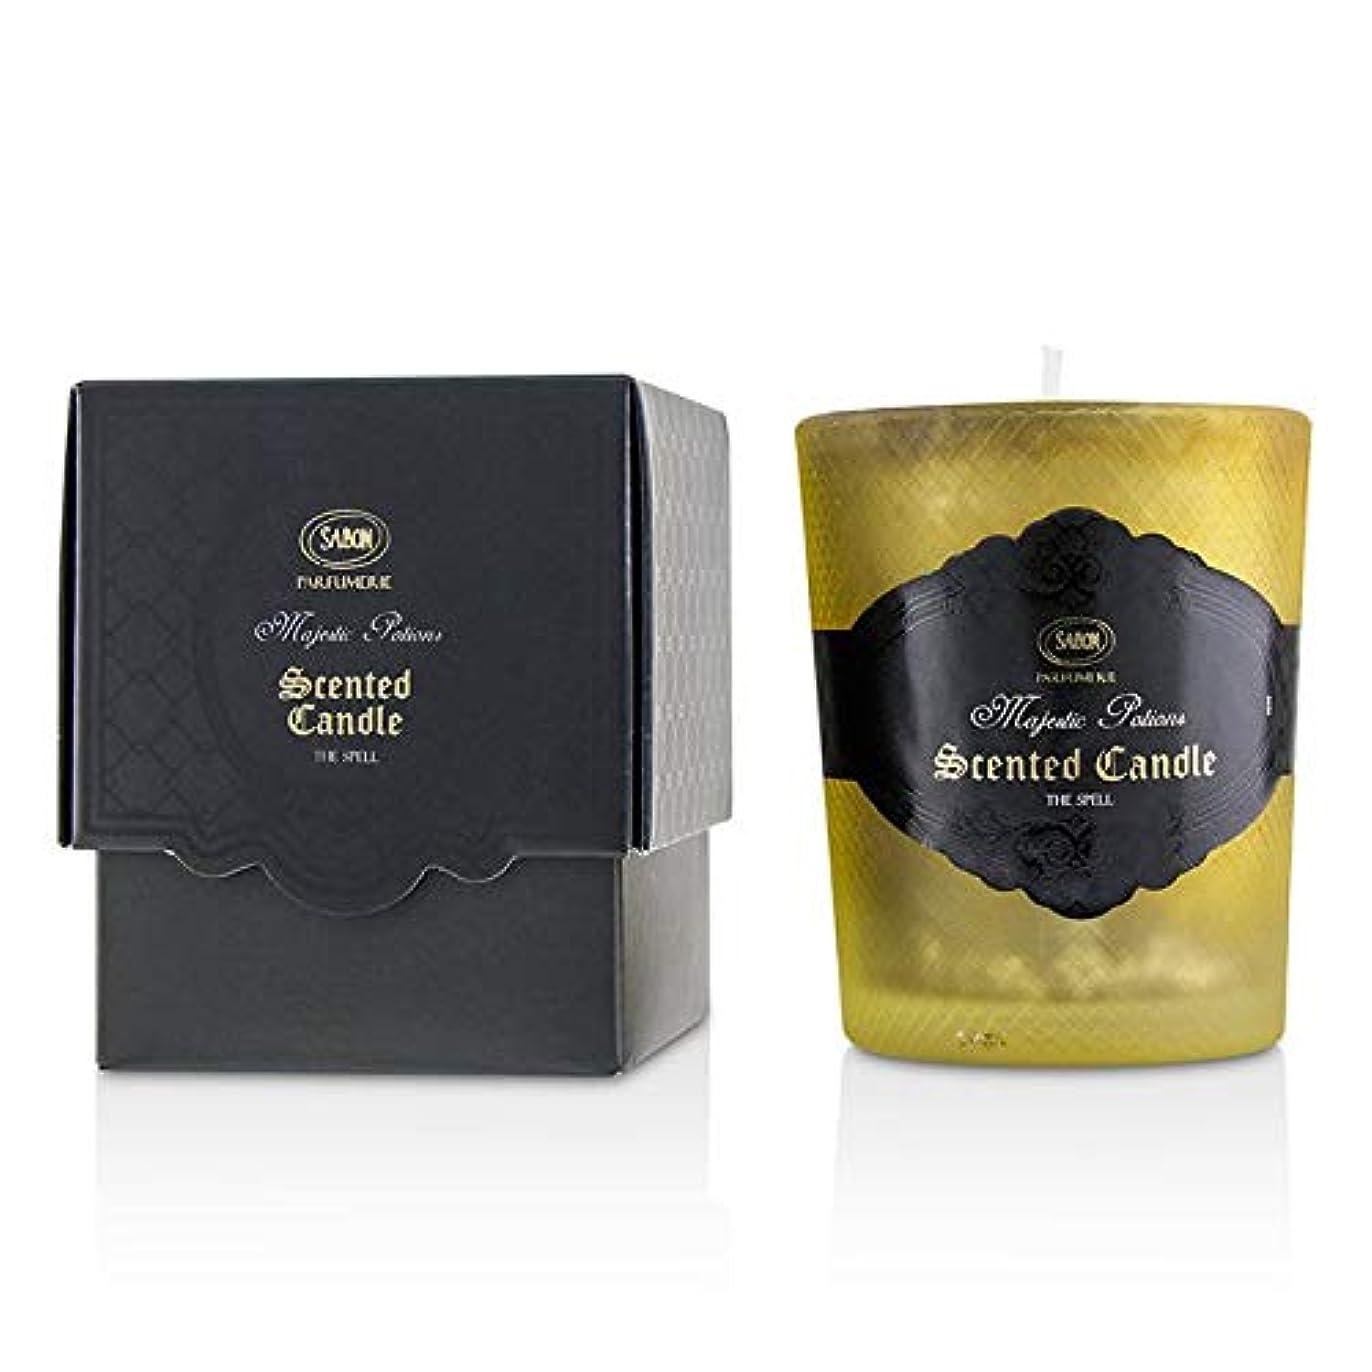 ボーカル怒ってトリッキーサボン Luxury Glass Candle - The Spell 150ml/5oz並行輸入品